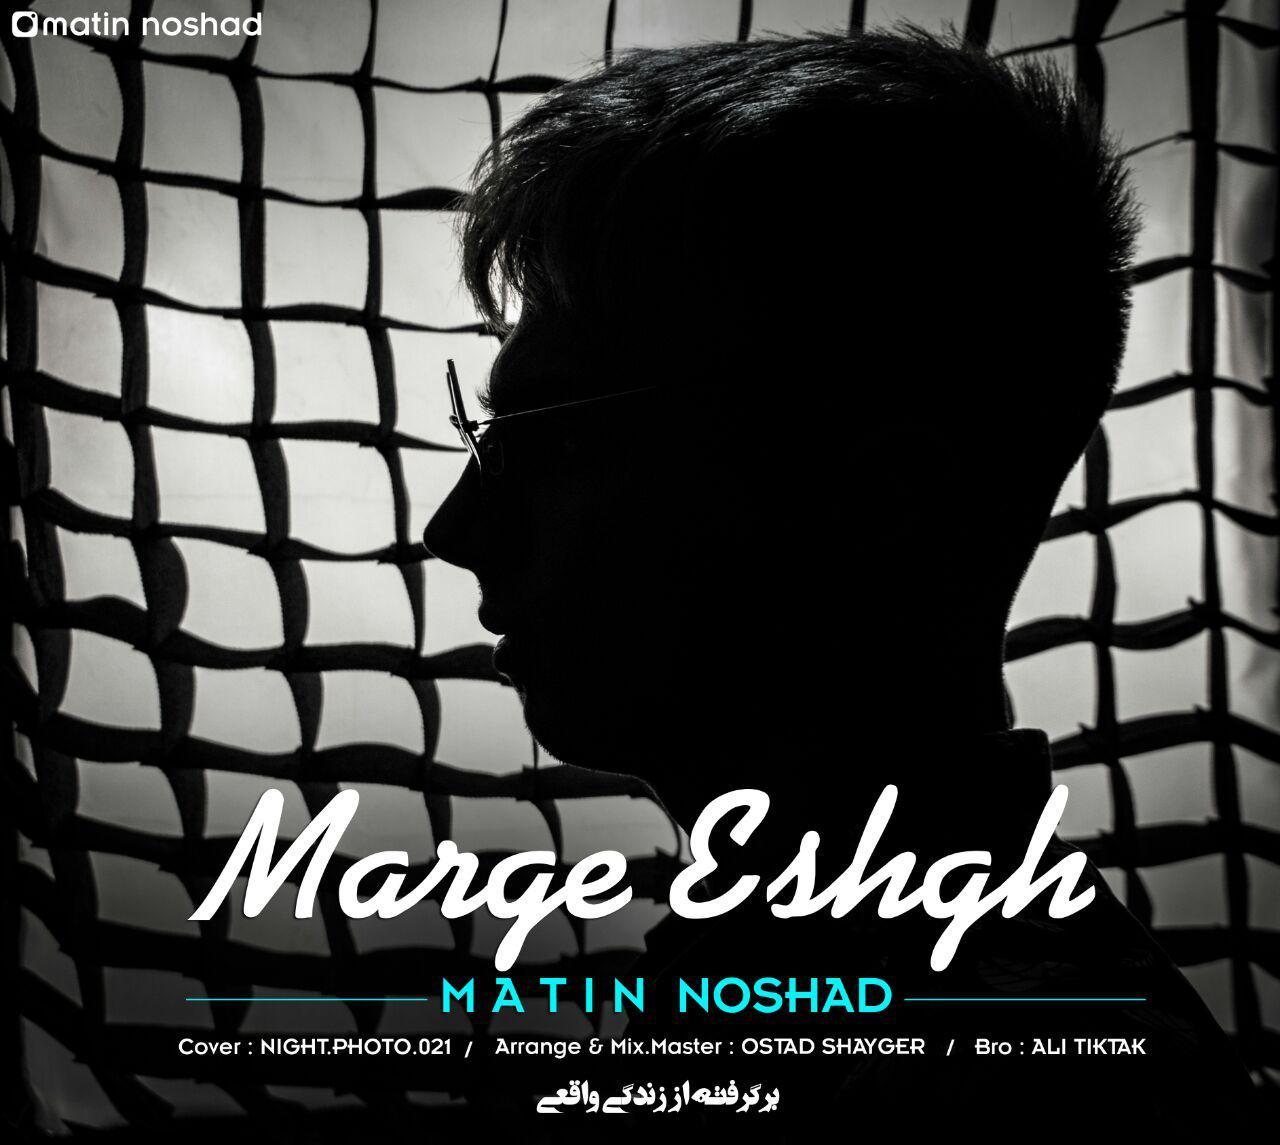 Matin noshad - Marge Eshghe